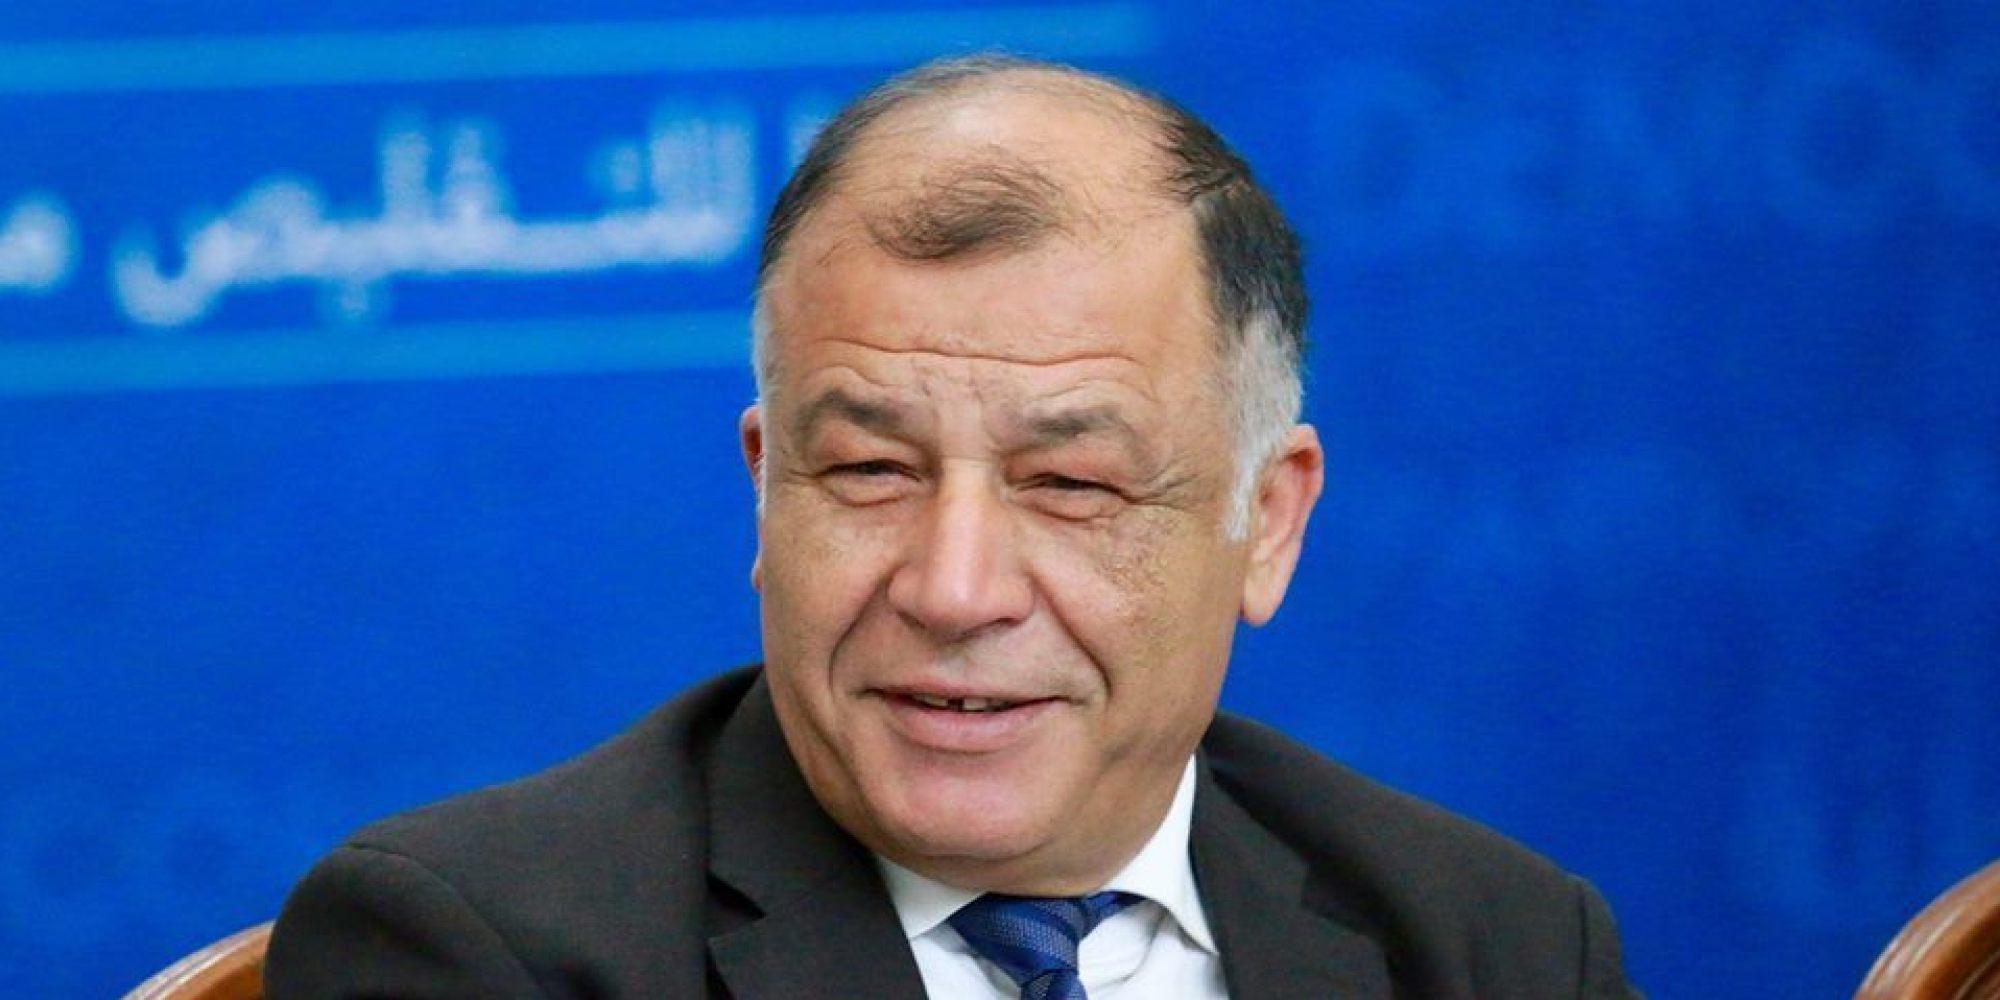 Tunisie-activation de l'article 80: Néji Jalloul soutient très fortement la décision de Kais Saied [Audio]